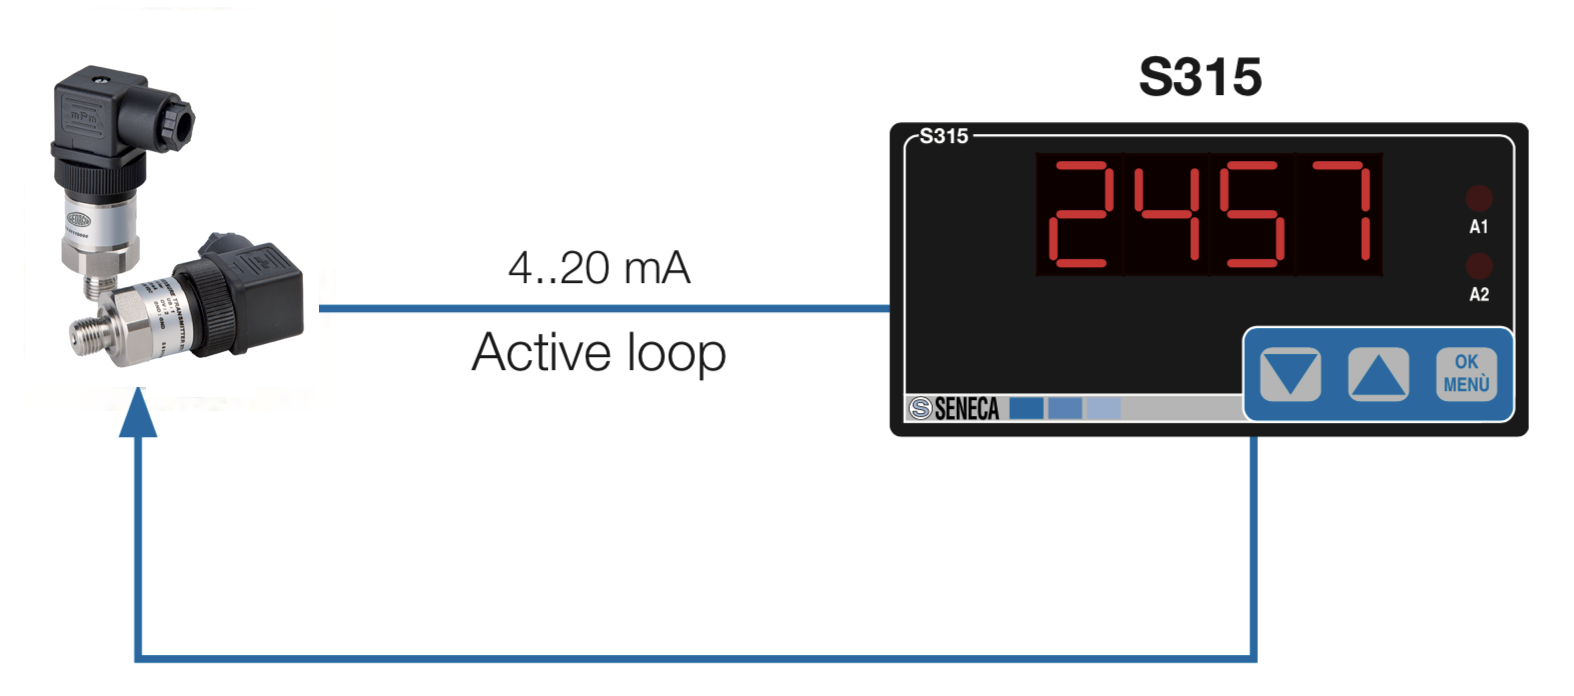 cách sử dụng cảm biến áp suất